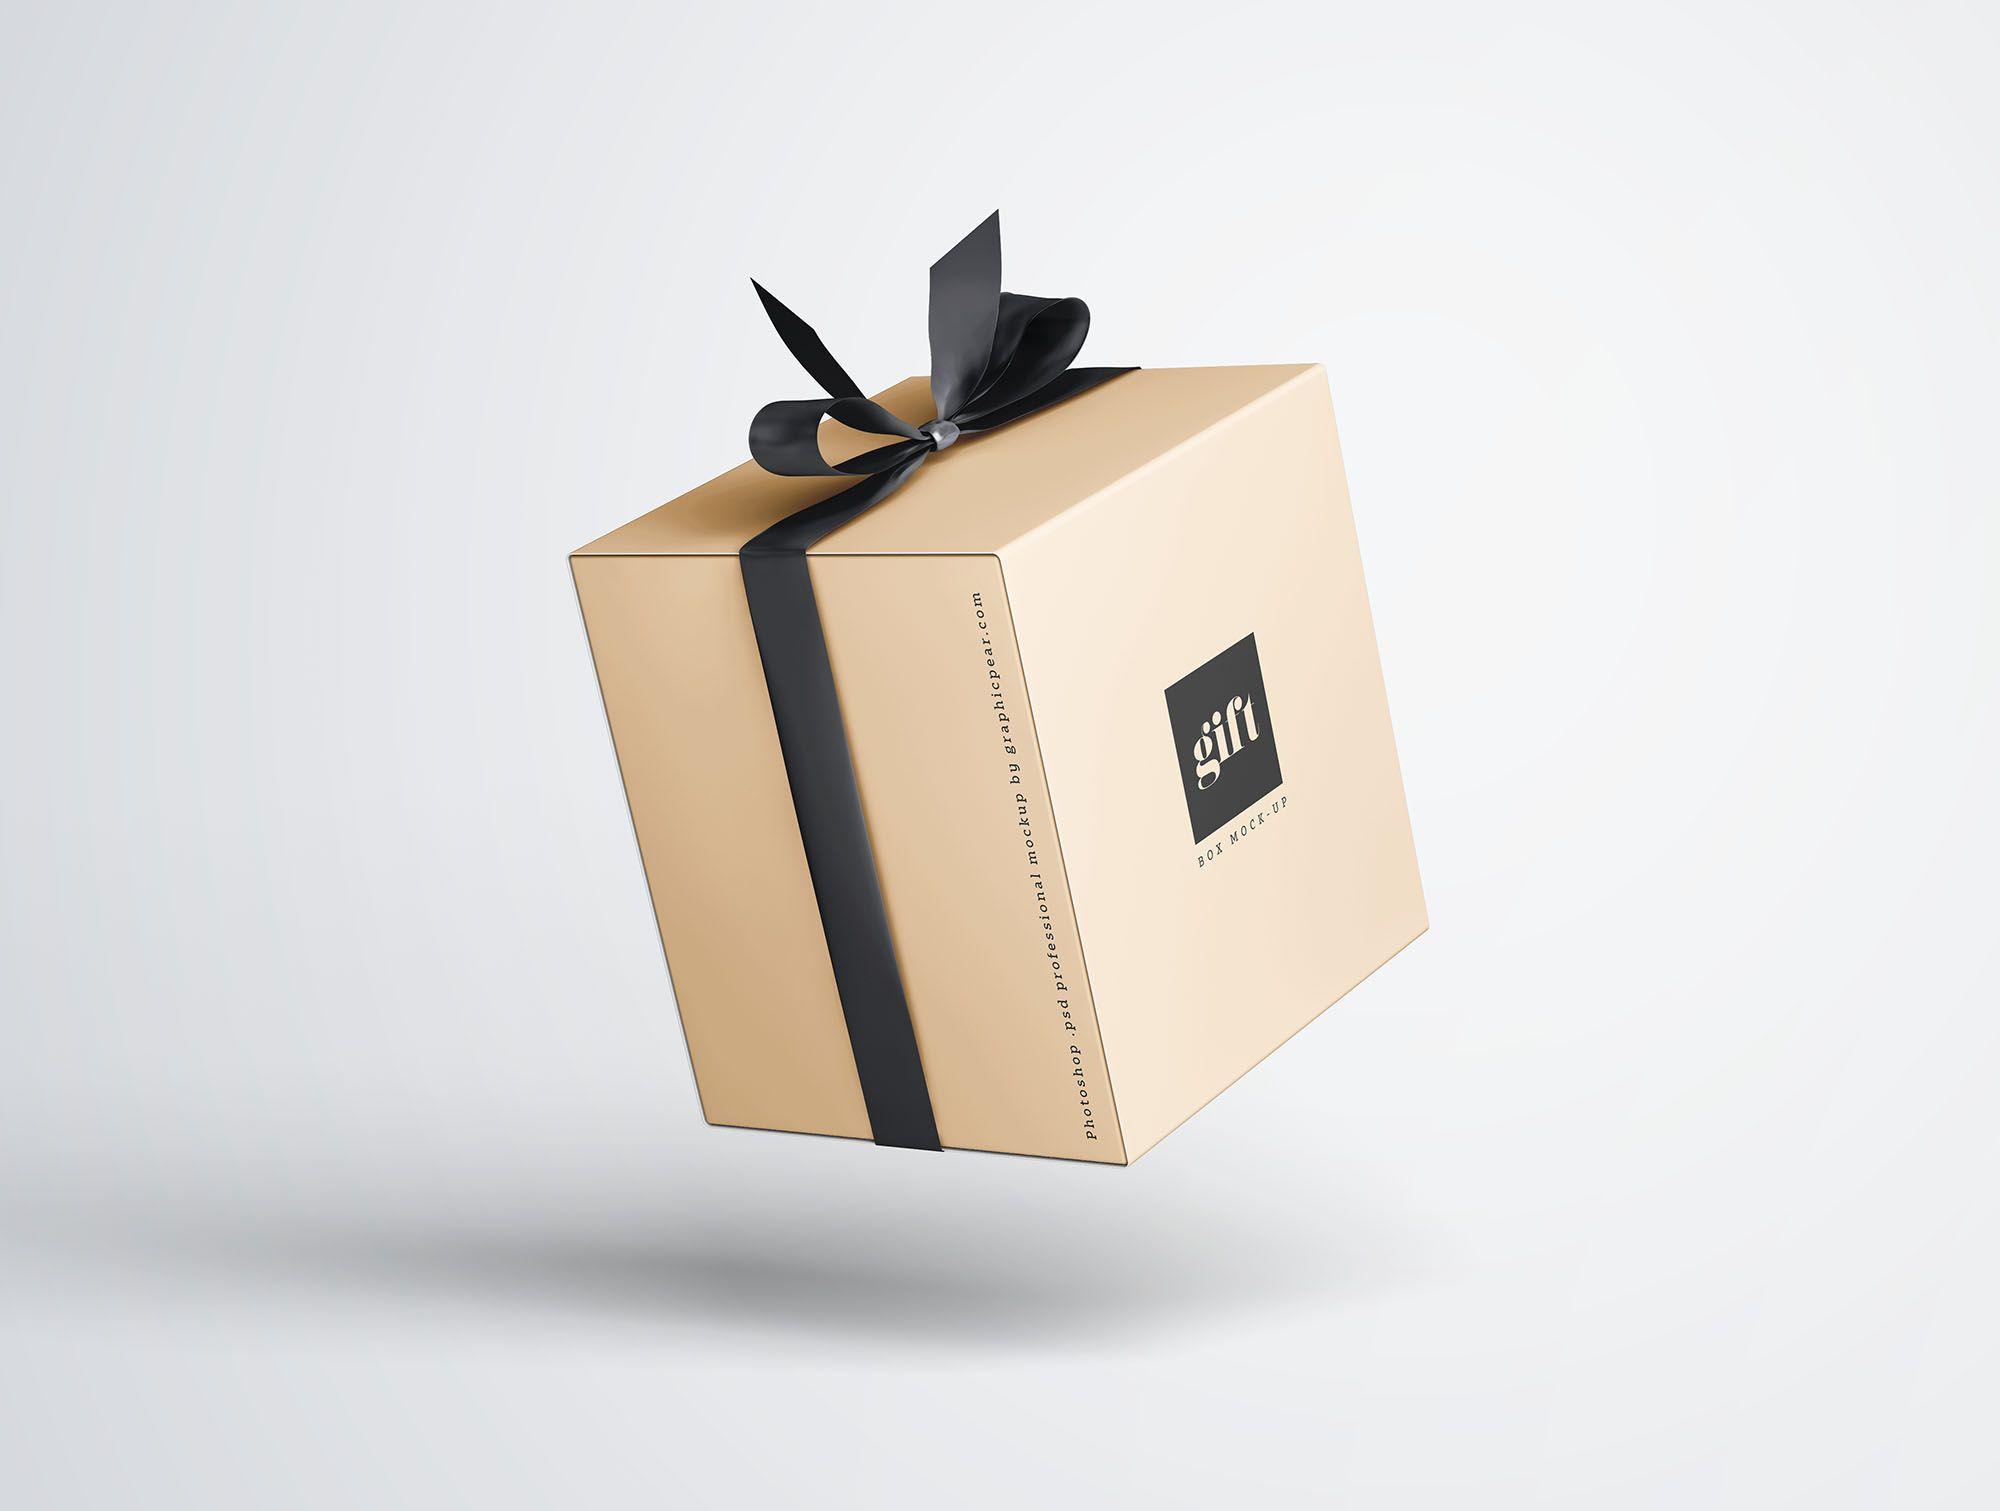 Download Maqueta De Caja De Regalo 7 Box Mockup Mockup Free Psd Mockup